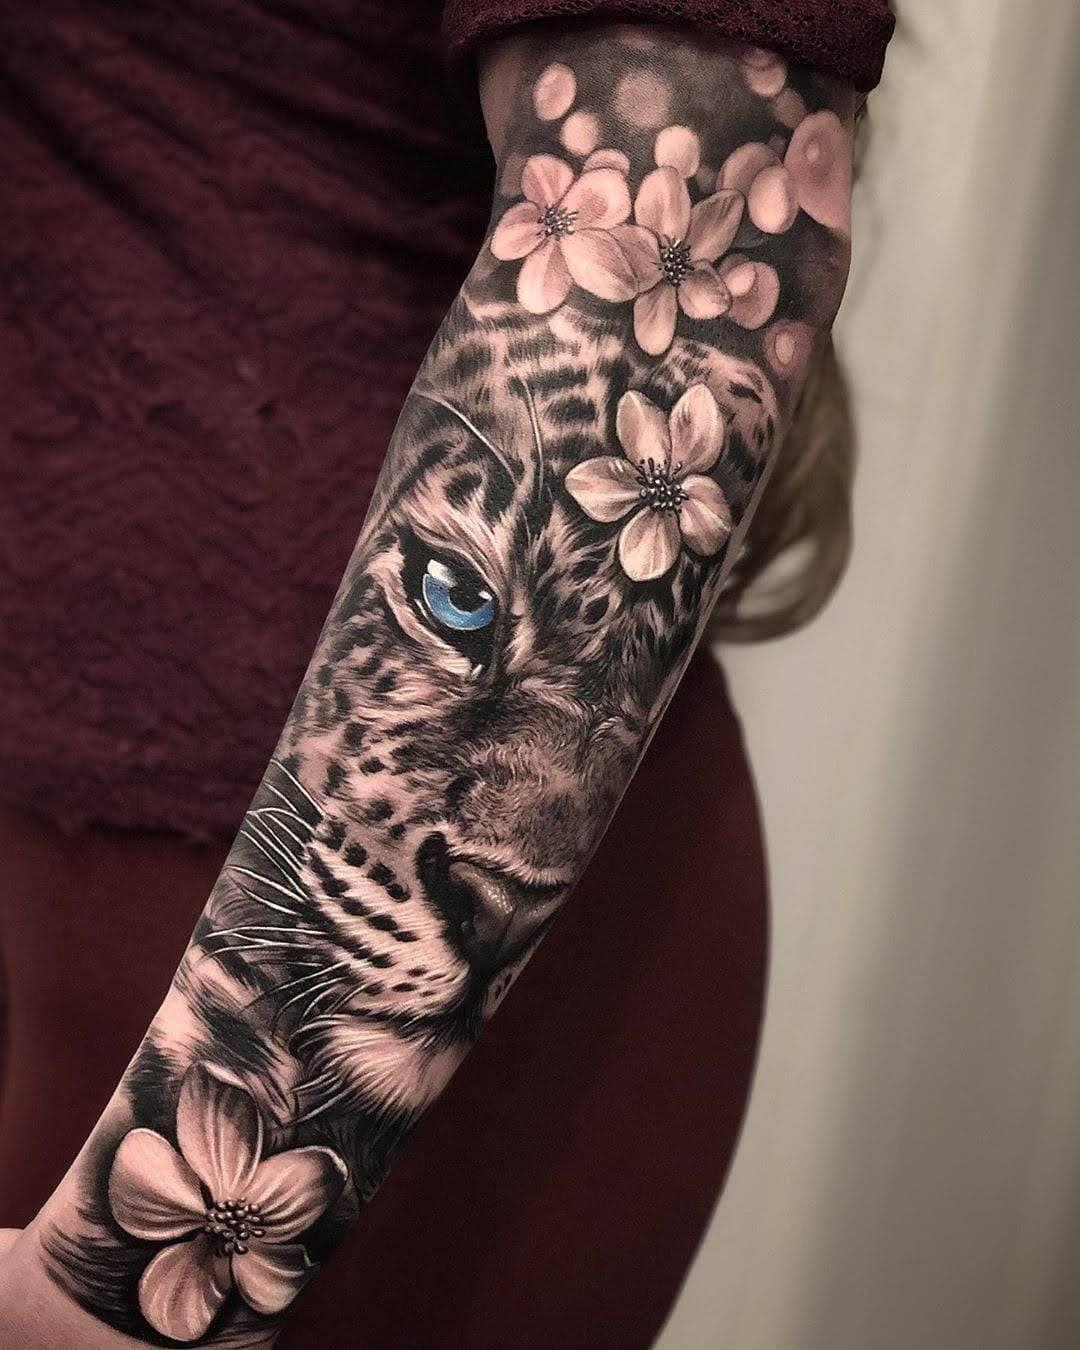 20 Tattoos ideas in 20   tattoos, body art tattoos, cool tattoos